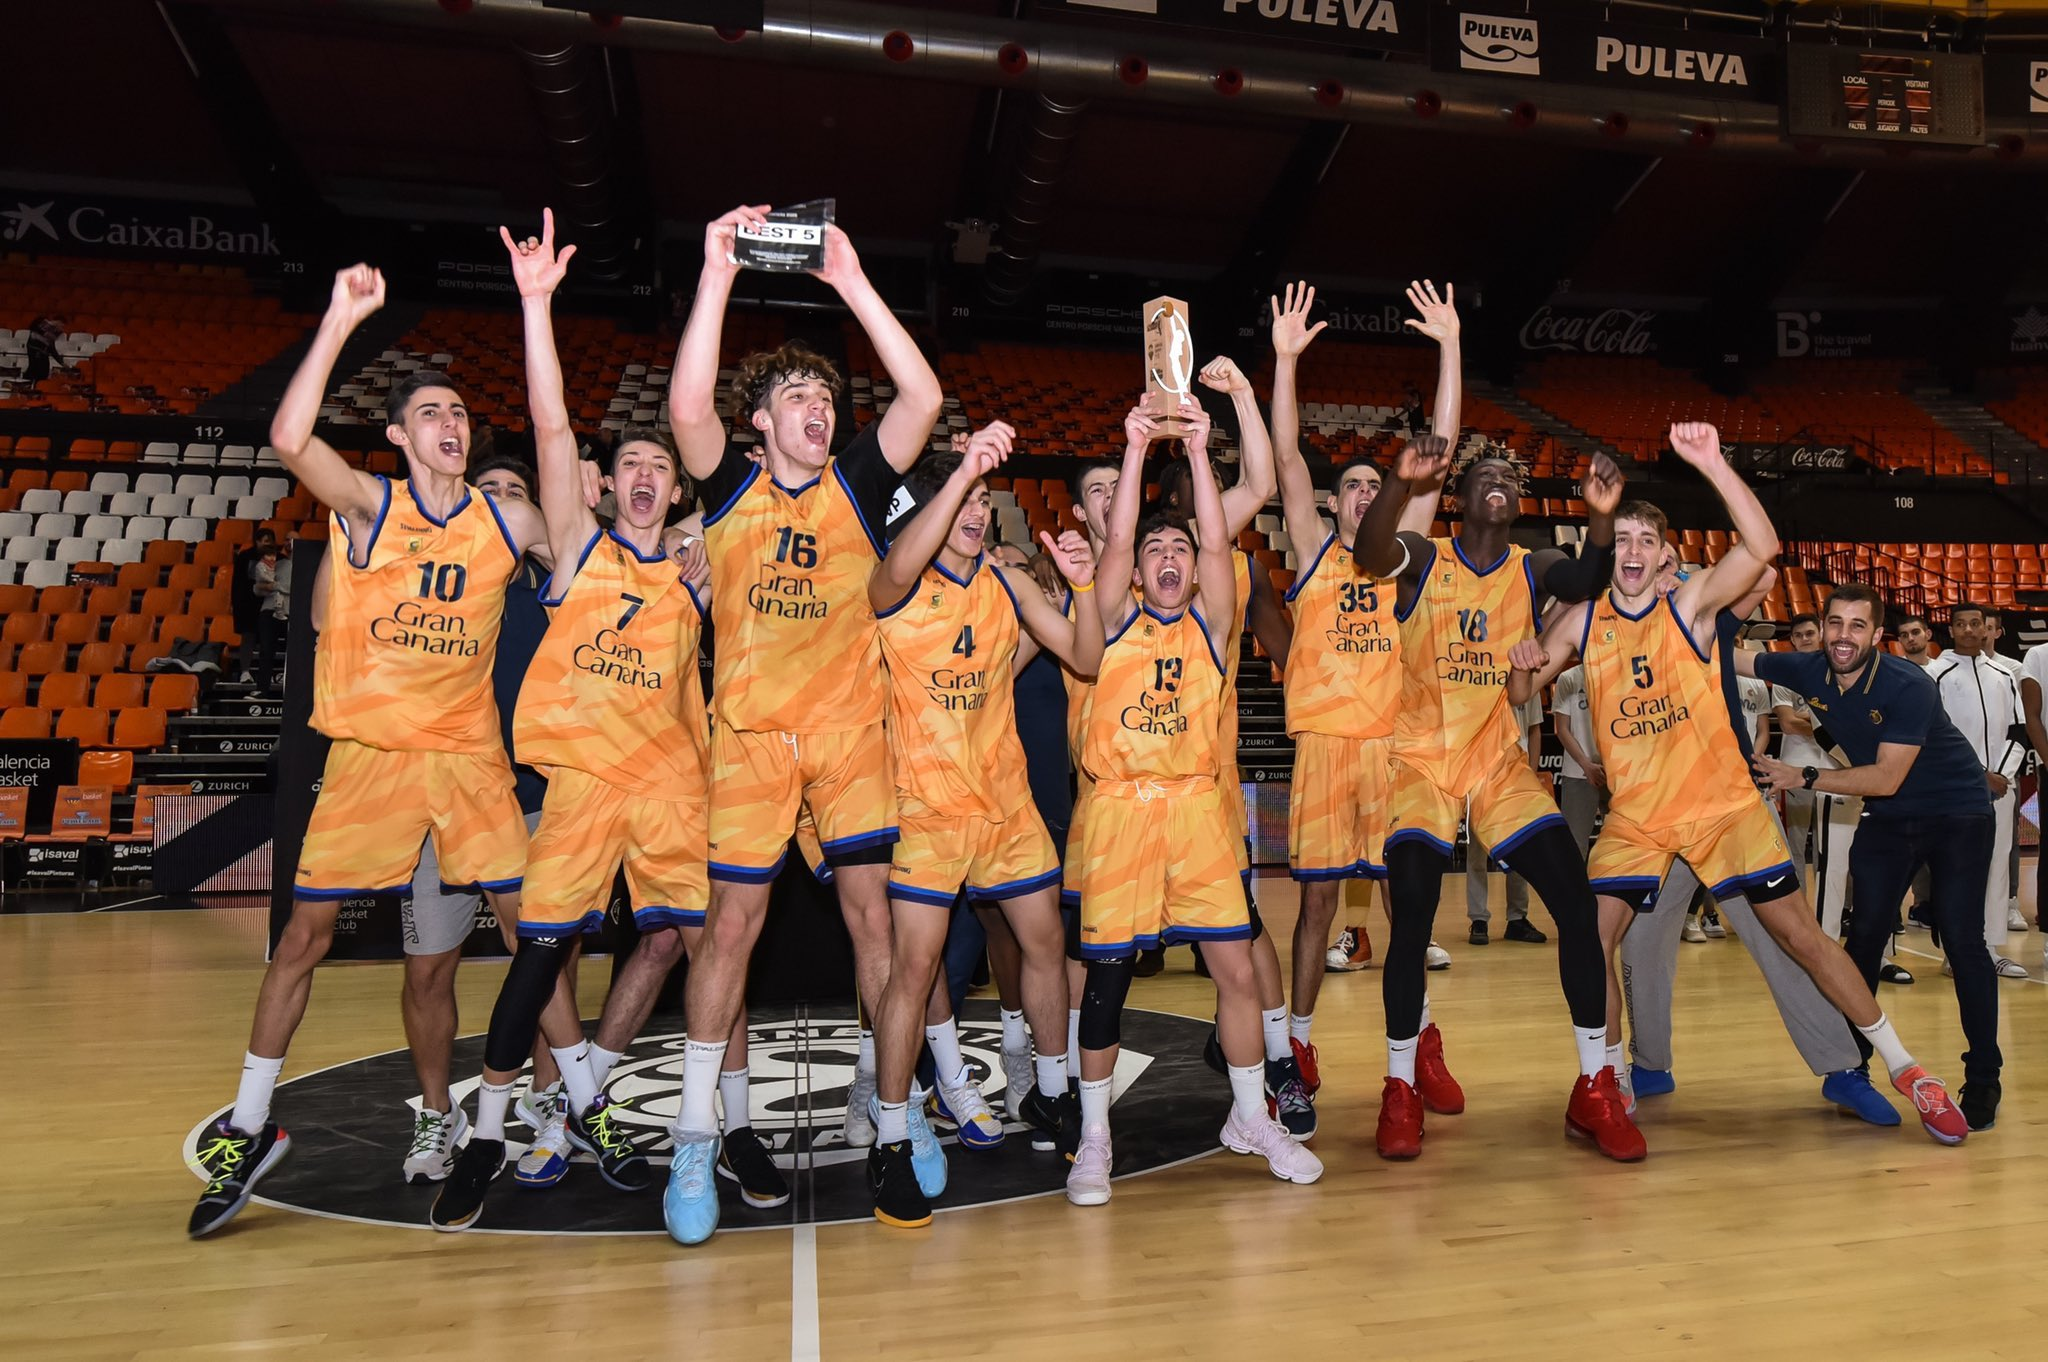 El Gran Canaria-Claret no podrá jugar la Fase Final de la Euroliga júnior